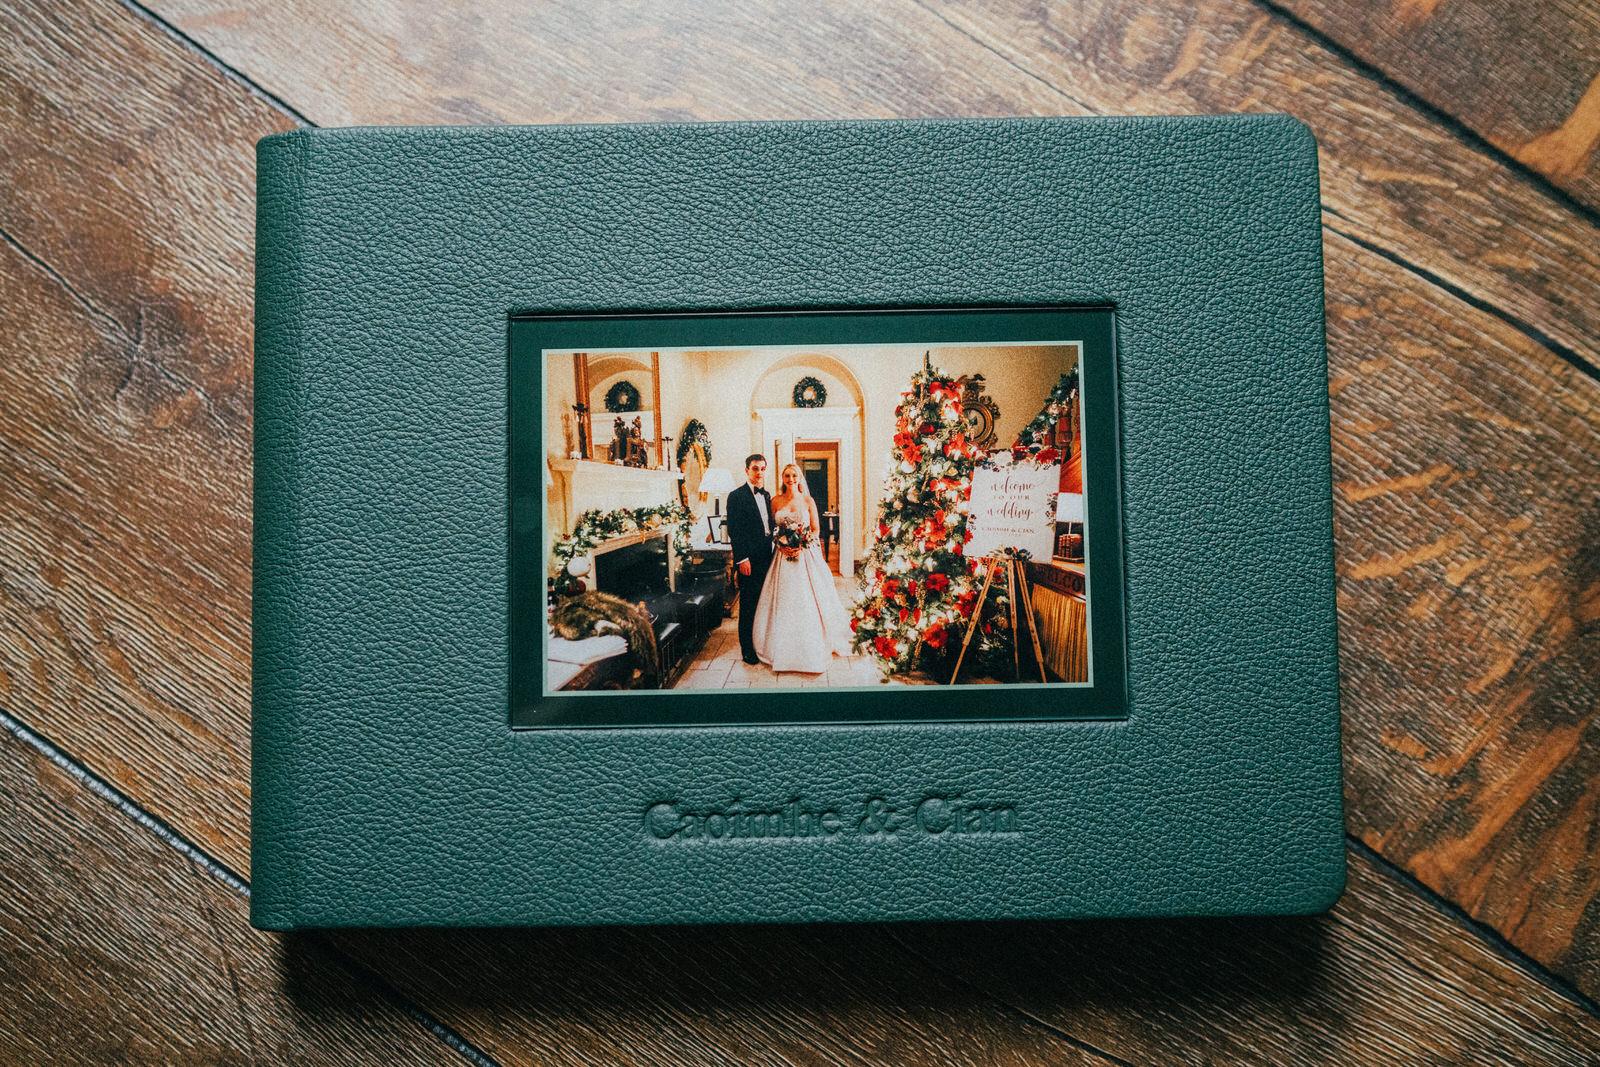 Leather Album 35x25cm - 40 pages 7